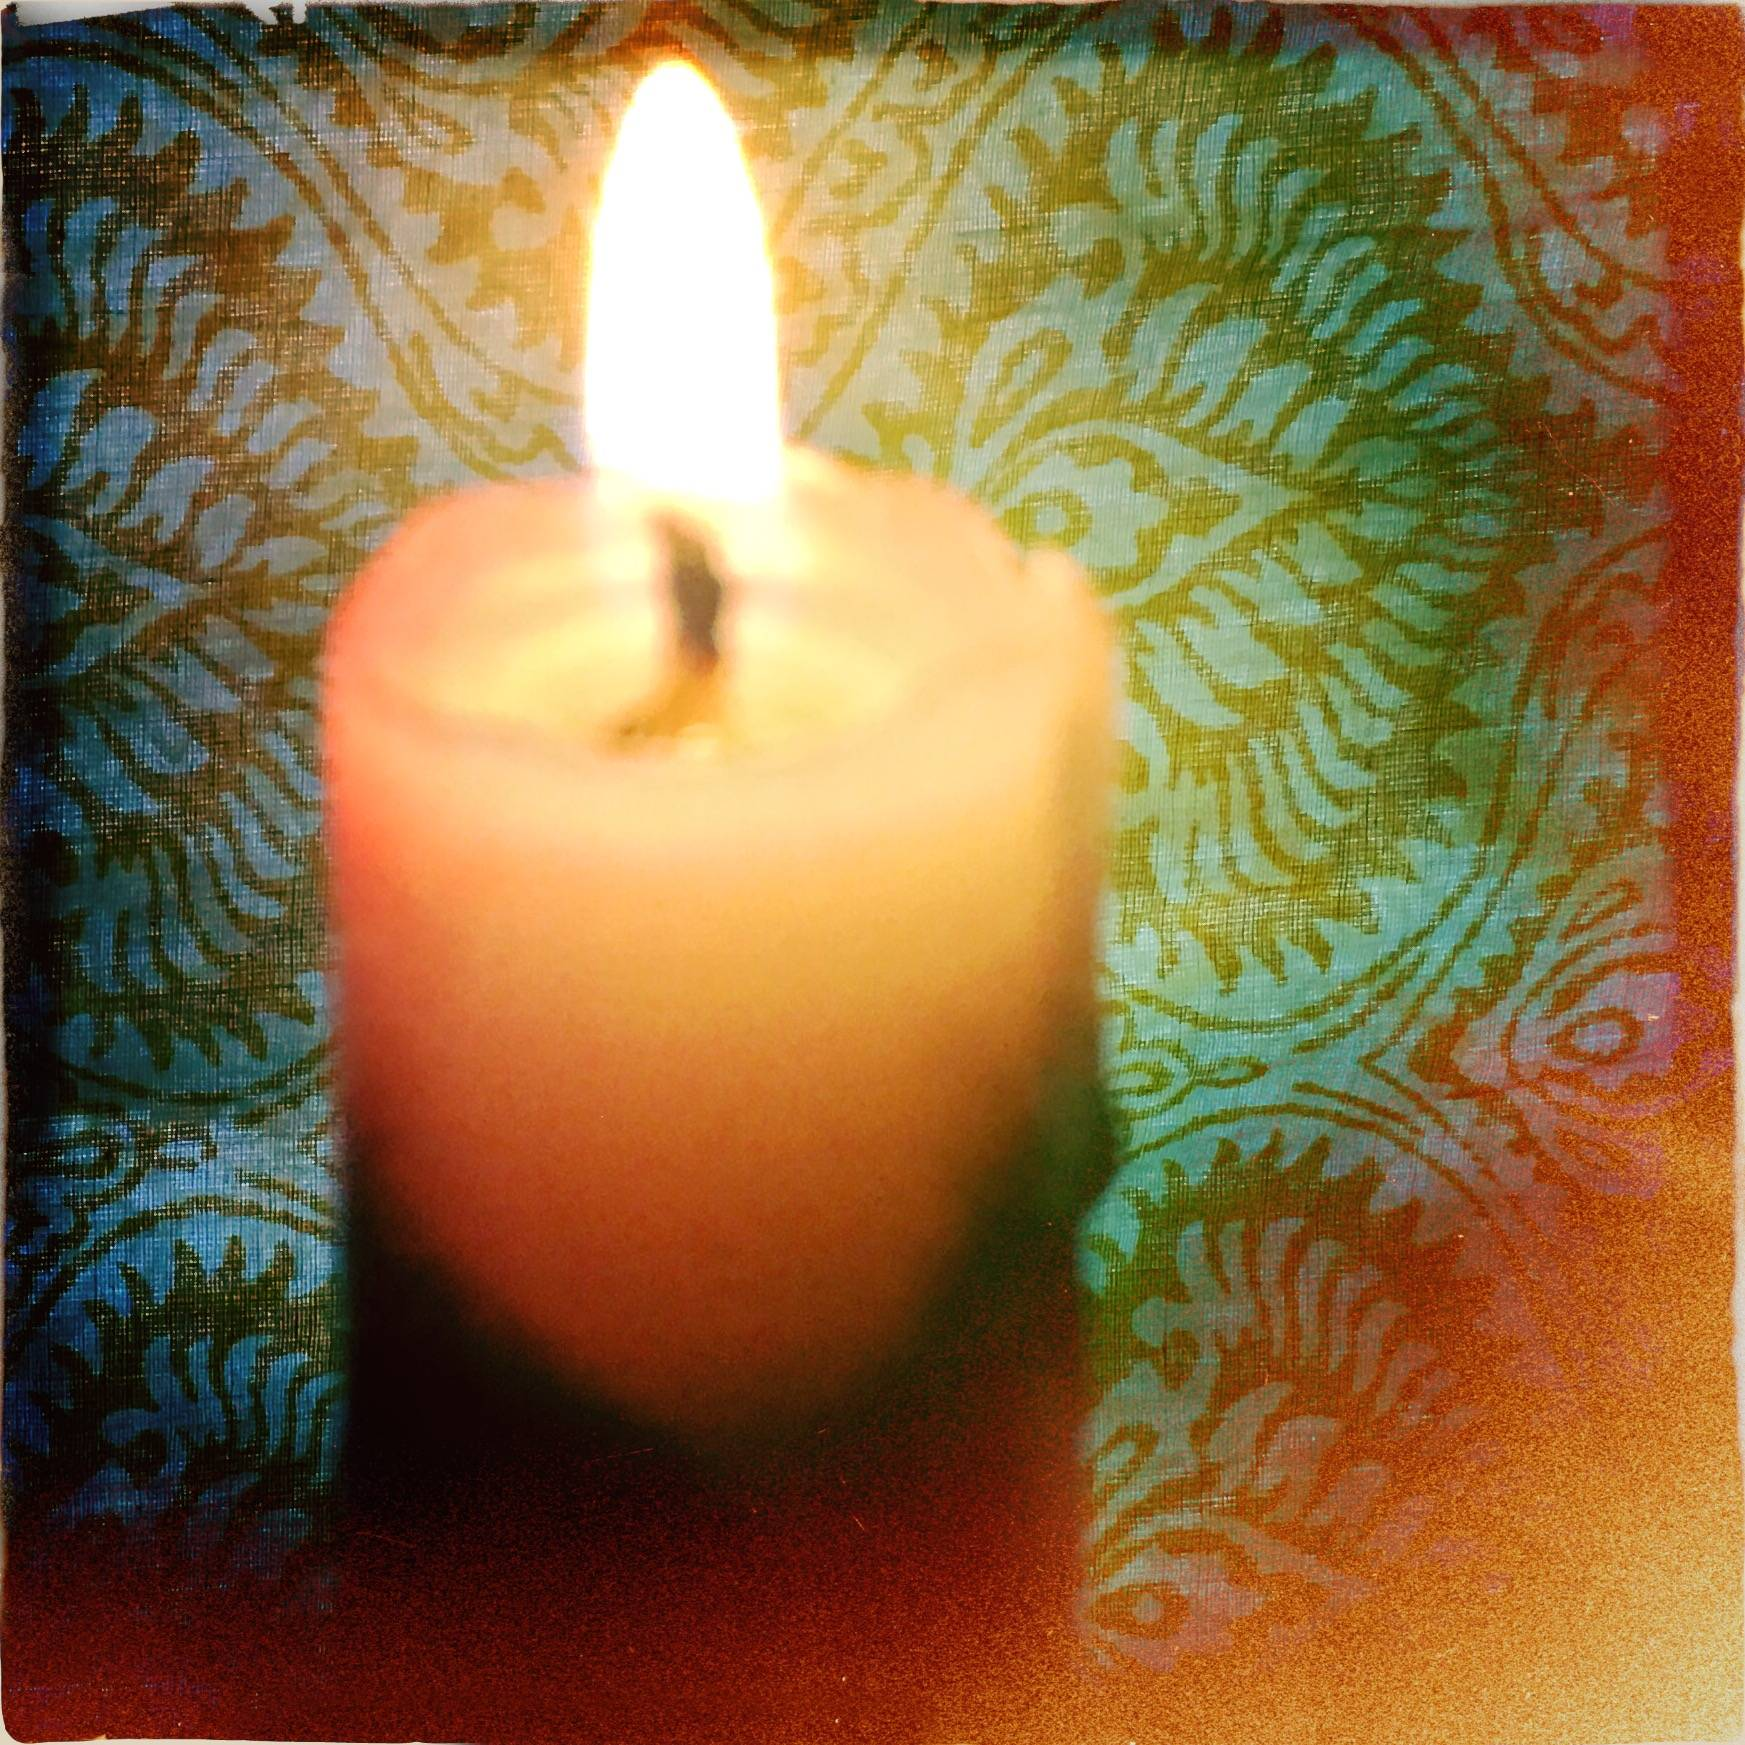 Медитация для глаз с помощью тратаки на свечу. как это помогает глазам и развивает интуицию?